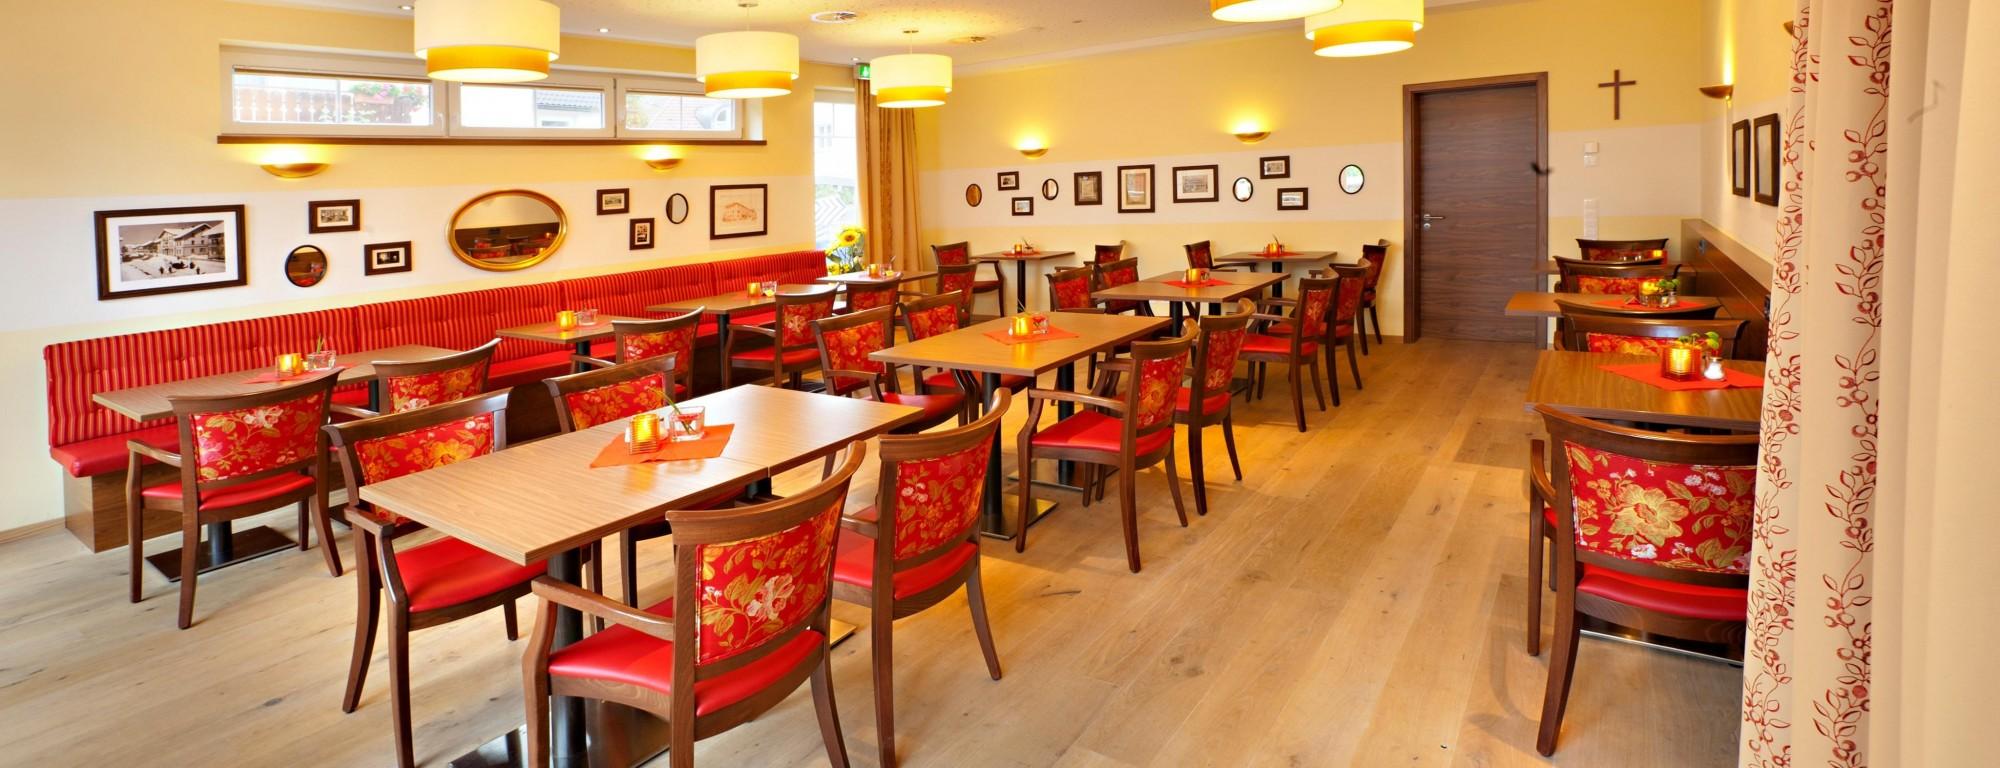 Cafe Greinwald